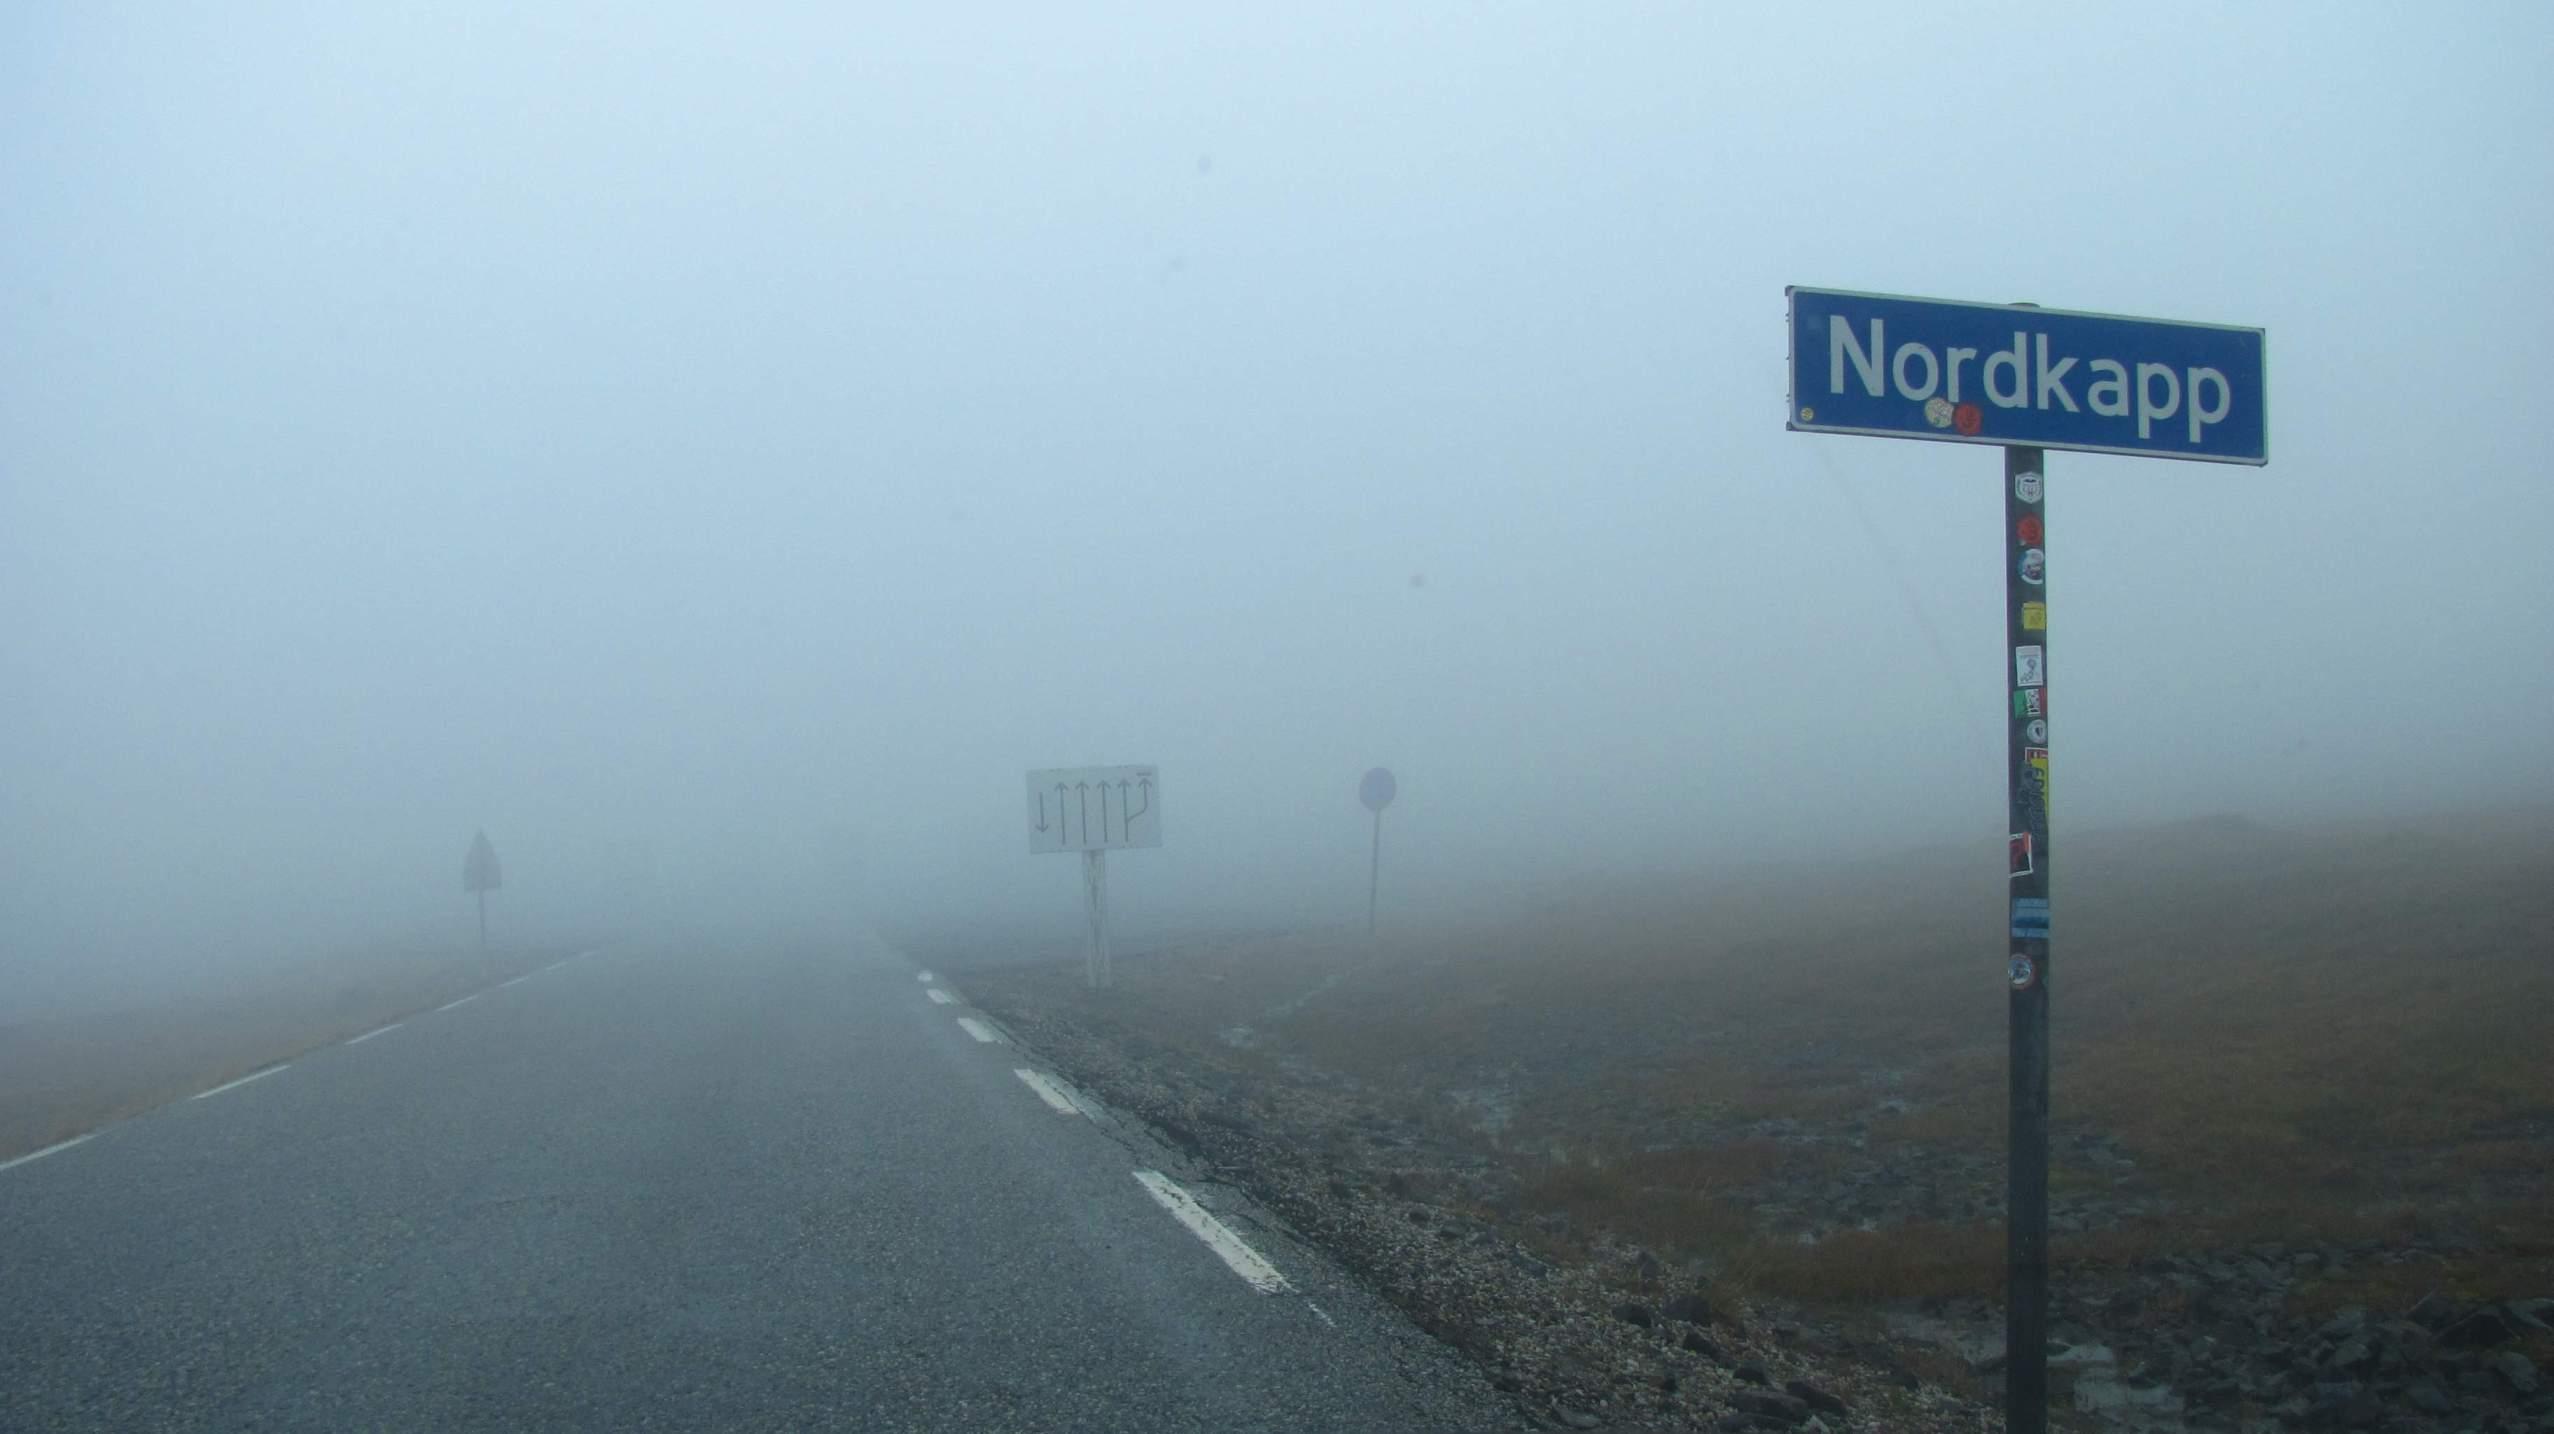 Nordkapp, kilómetros de diversión